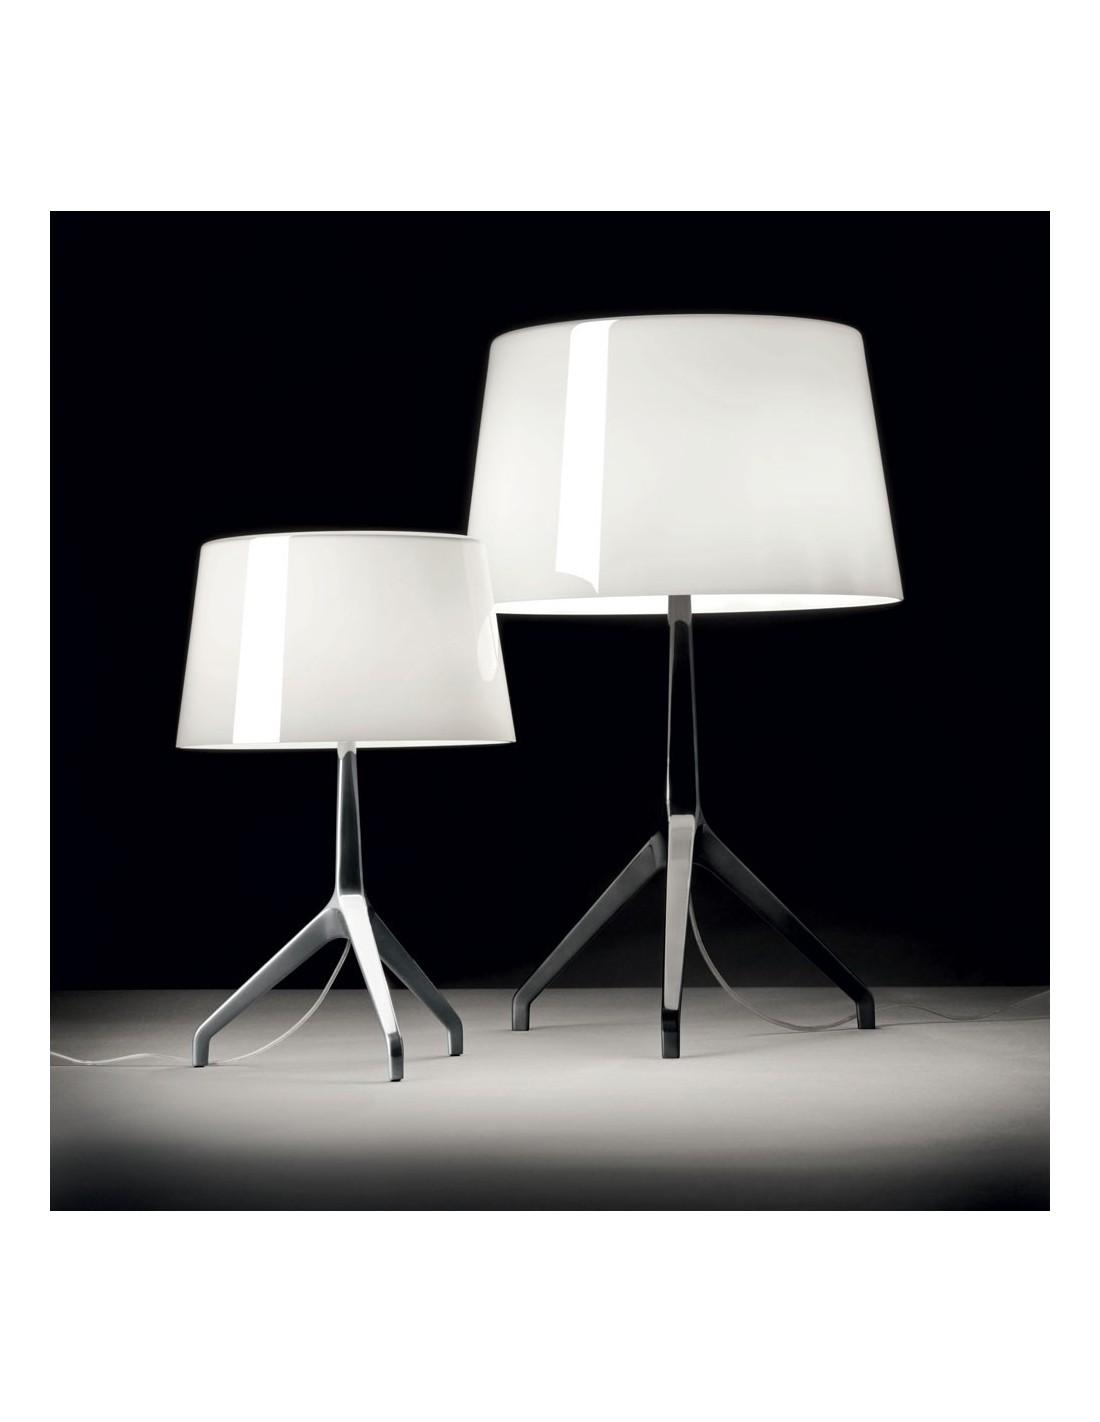 lampe de table lumi re xxs chrome noir blanc. Black Bedroom Furniture Sets. Home Design Ideas